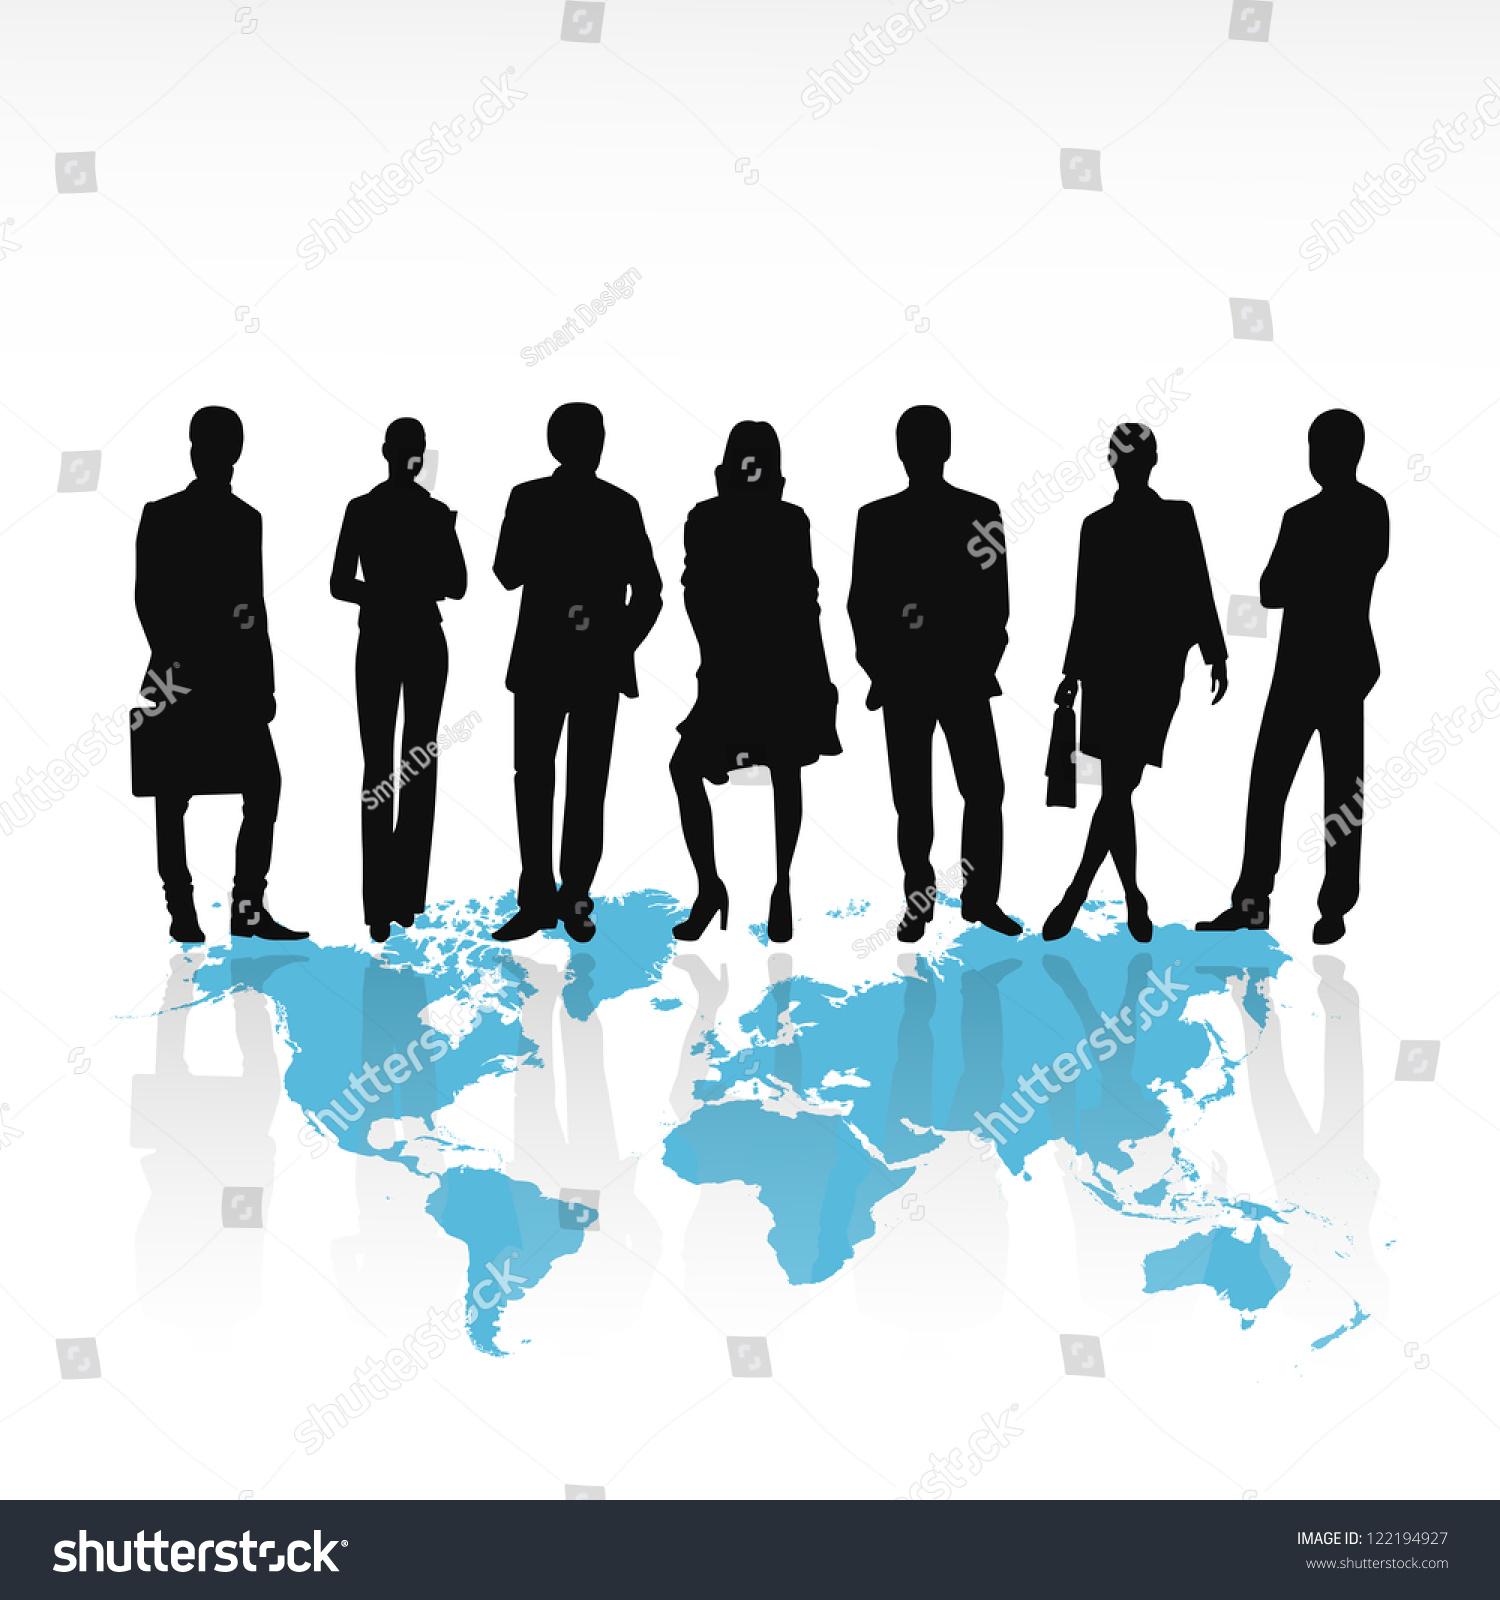 商务人物剪影站在世界地图上孤立在白色背景矢量图